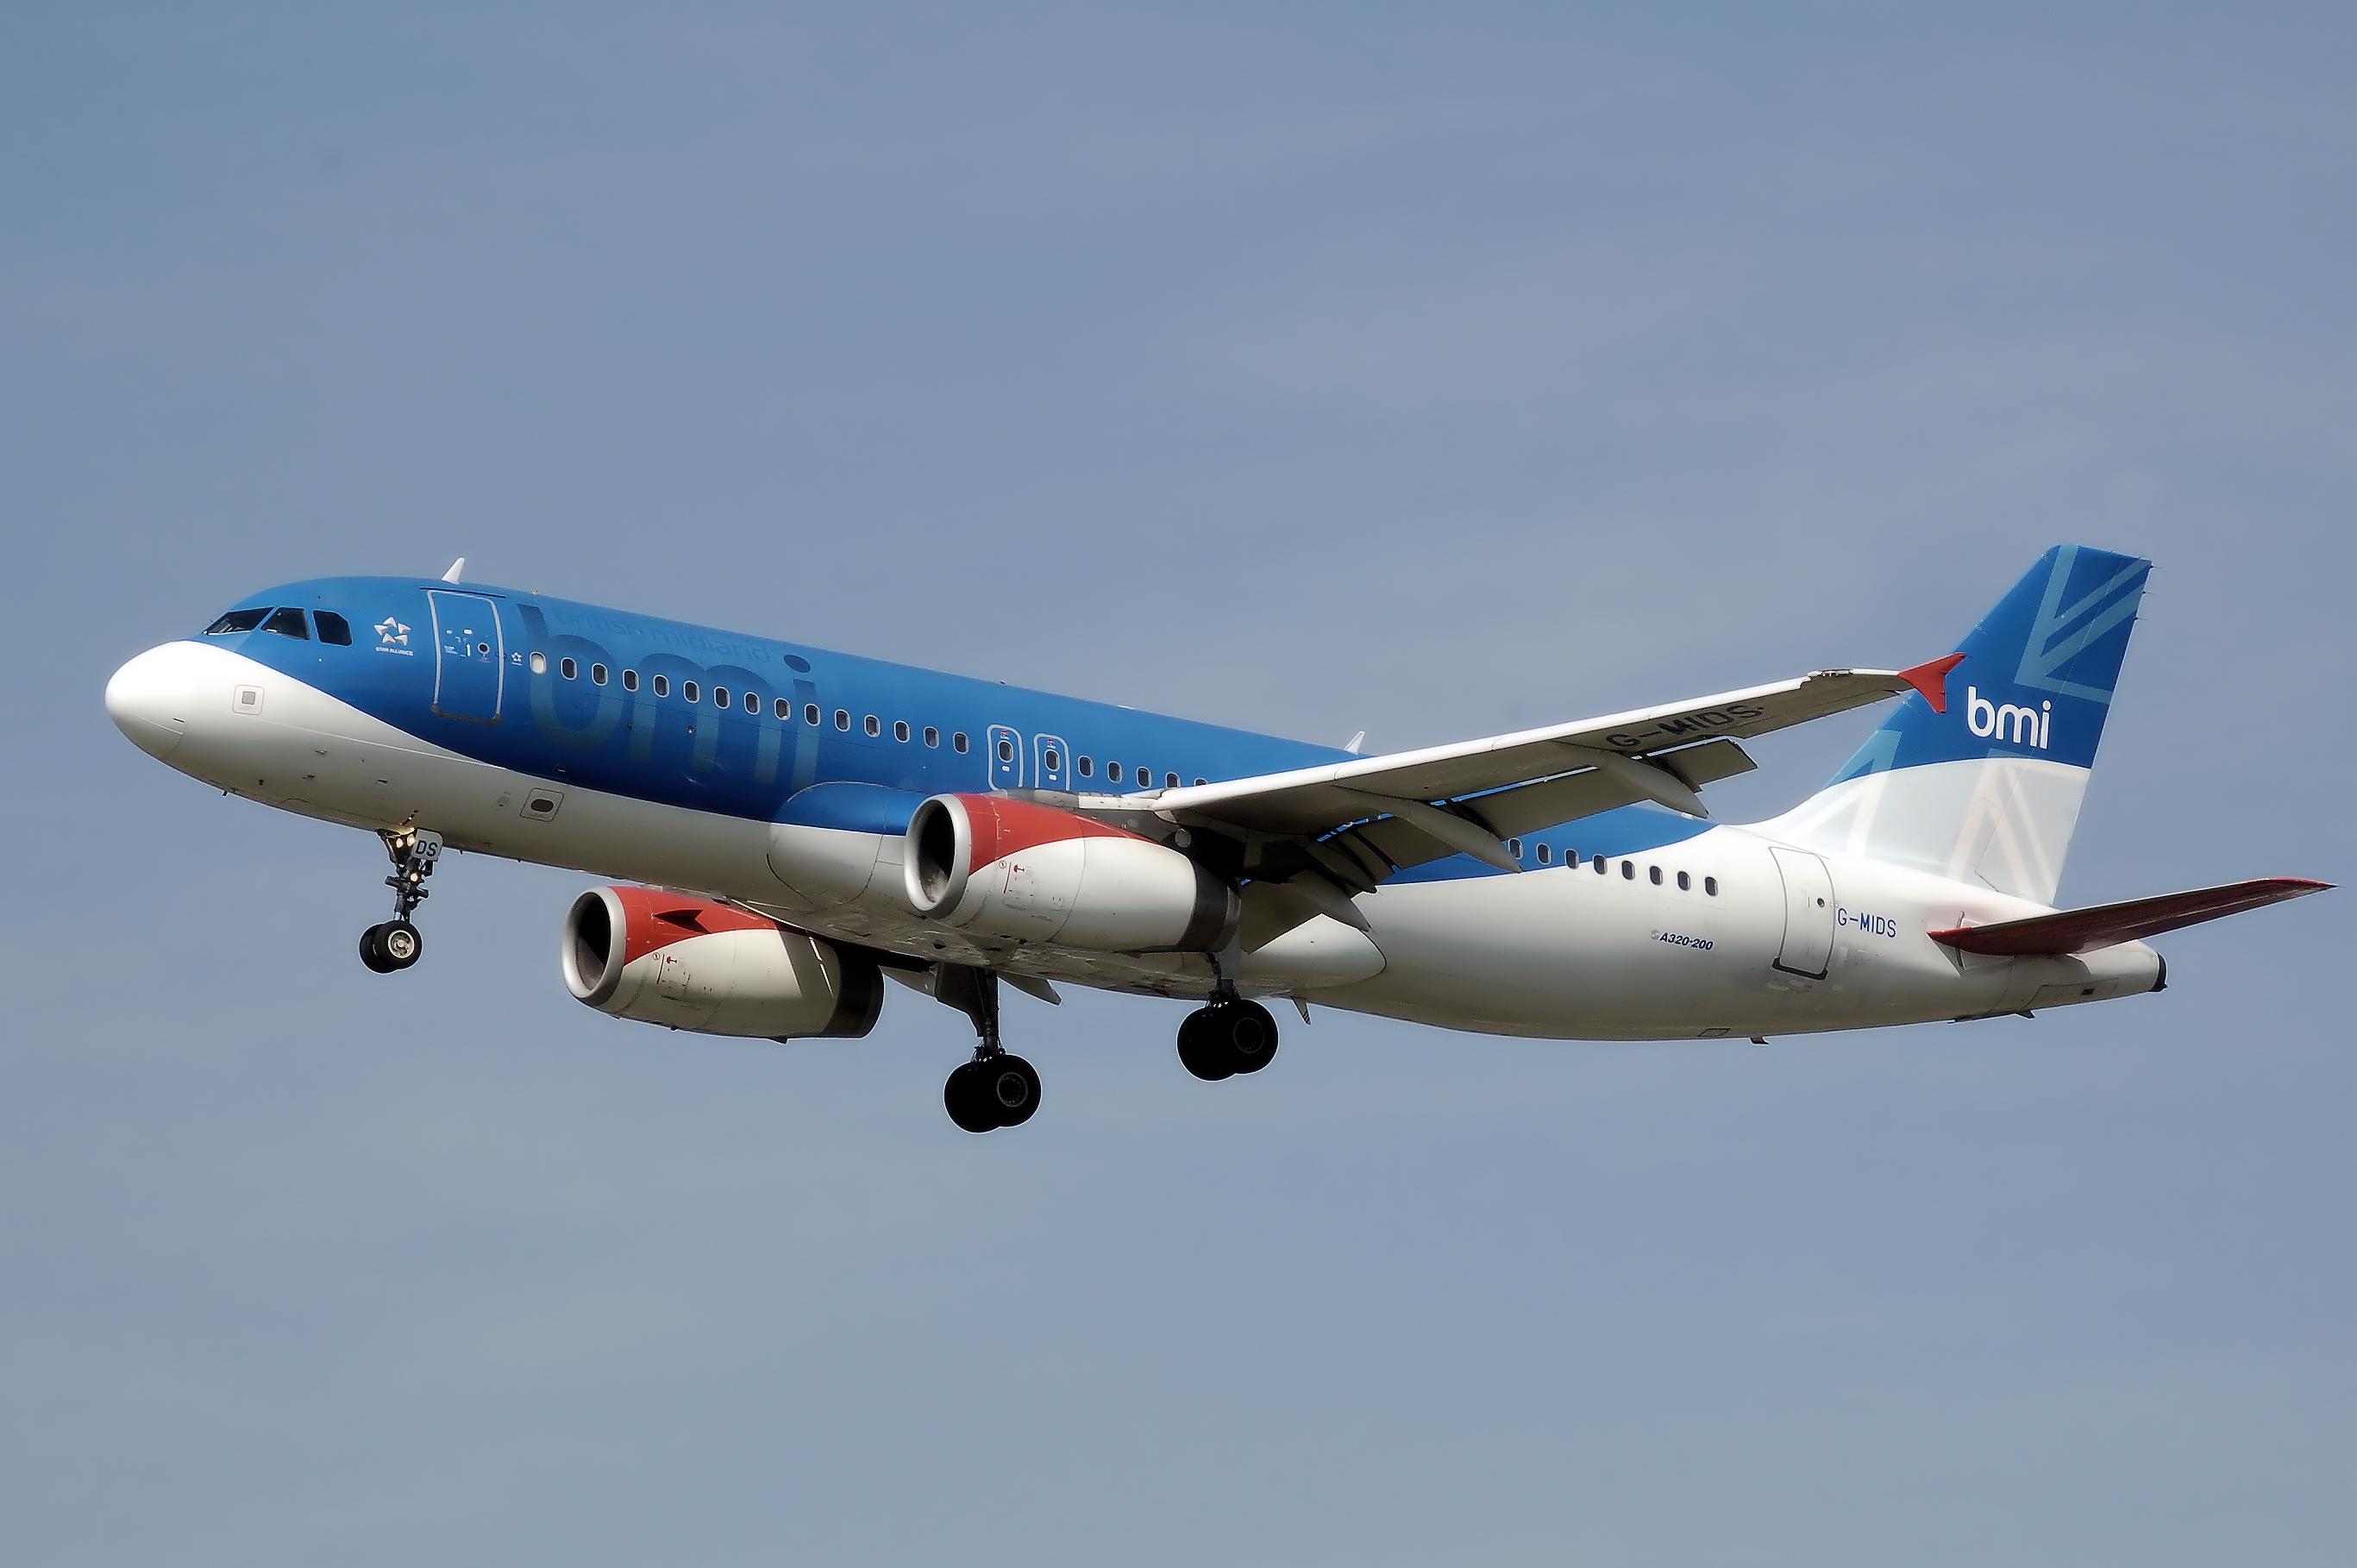 Bmi Airbus A320 200 G Mids Arpjpg